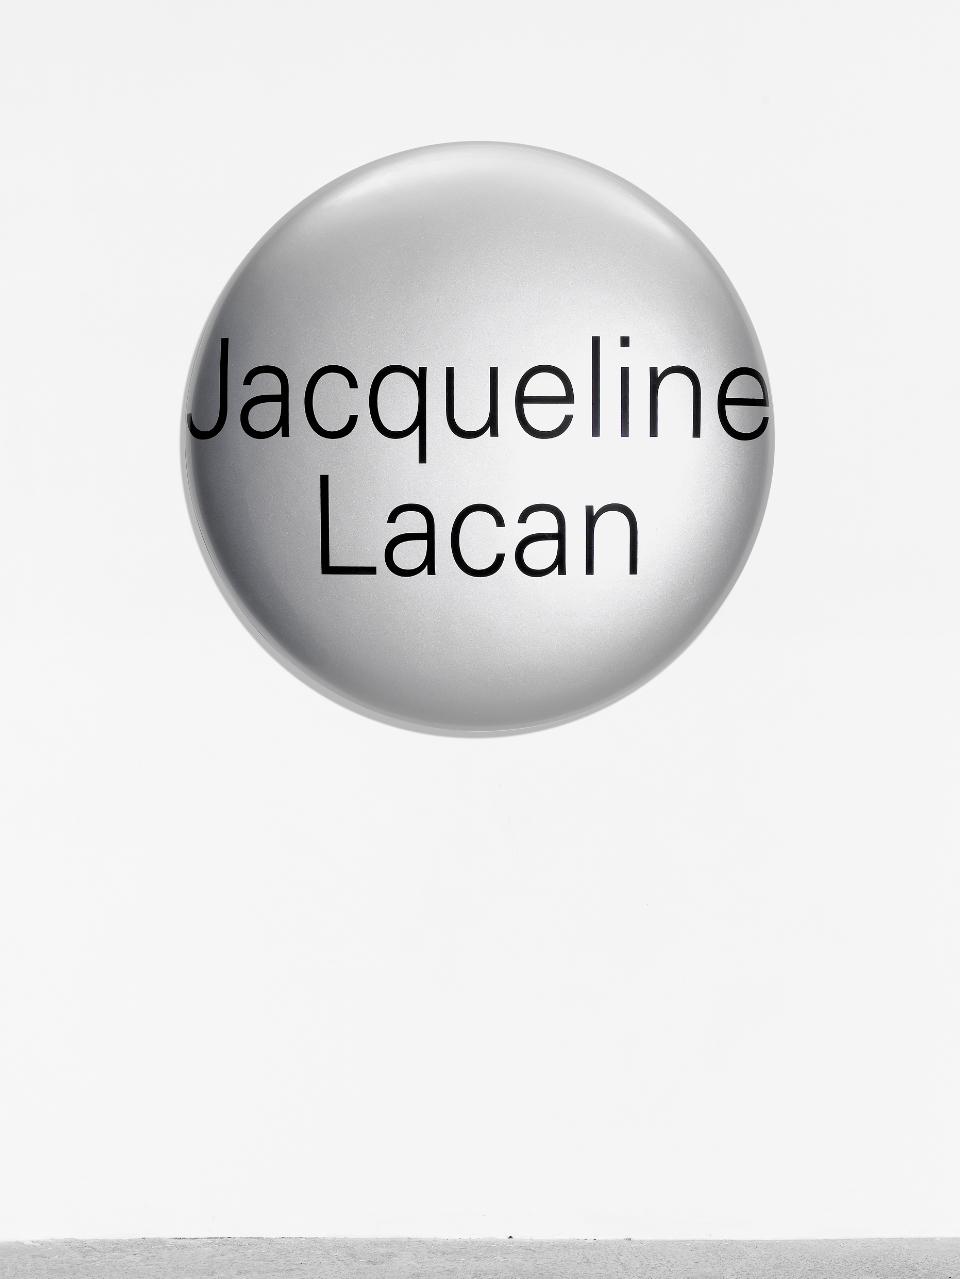 Agnès Thurnauer - Portrait Grandeur Nature (Jacqueline Lacan), 2012, Epoxyd and paint, Diameter 120 cm, Edition 3 + 2 ap, Courtesy Gandy gallery